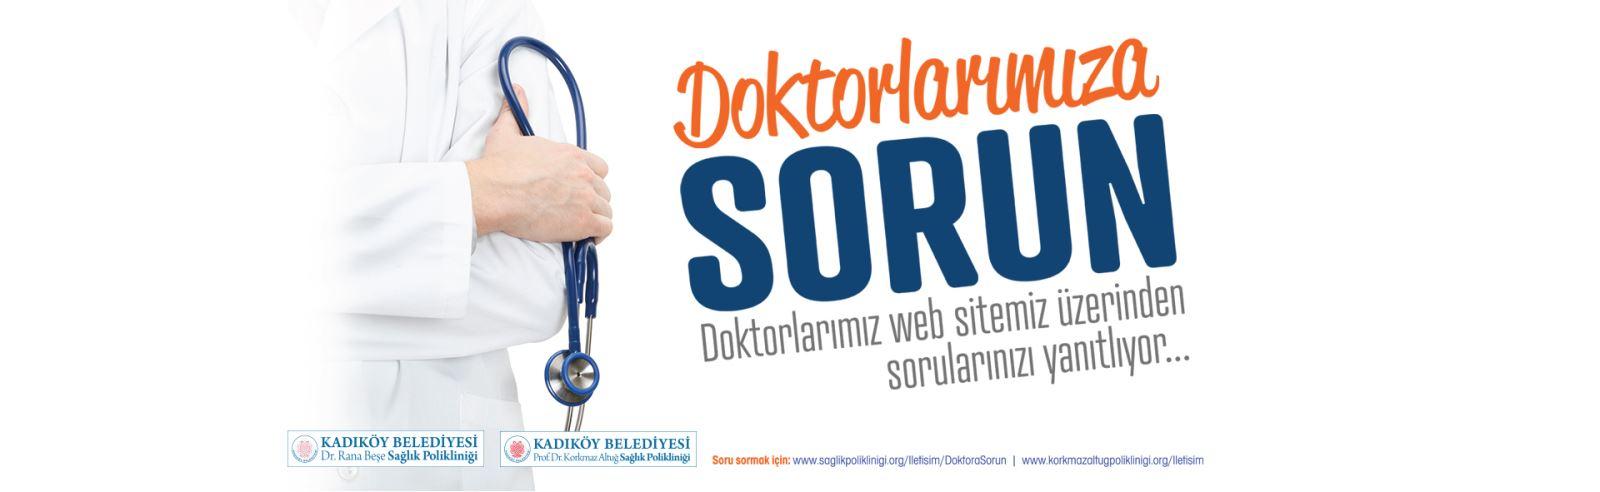 Doktorumuza Sorun